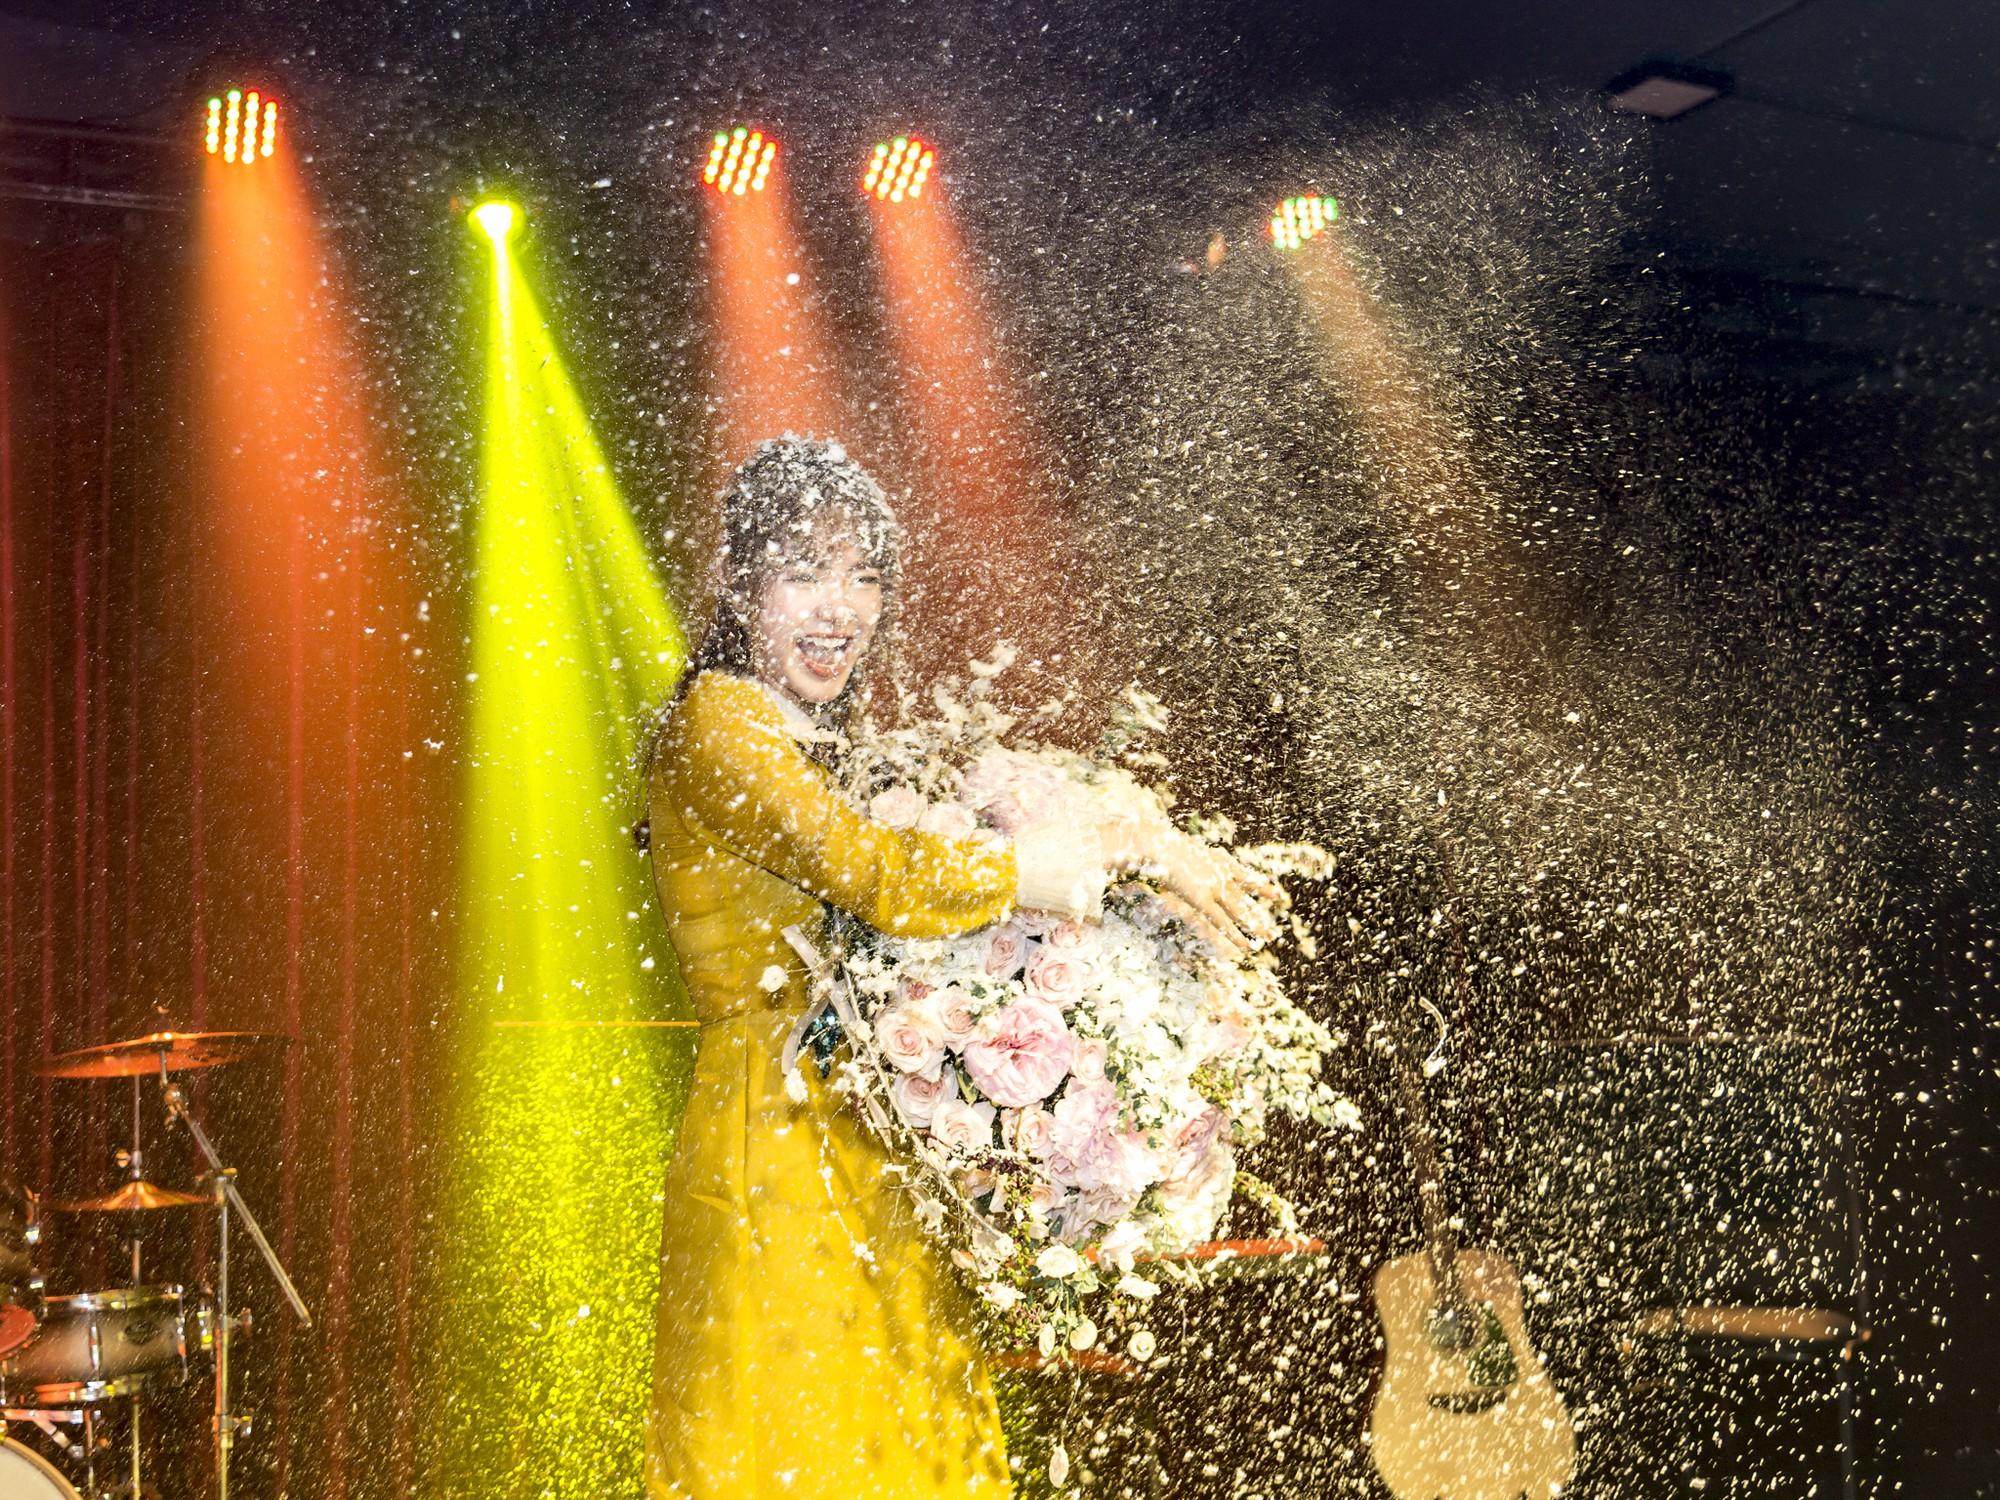 Hội fan cứng 10 năm đột kích, tổ chức sinh nhật bất ngờ khiến Minh Hằng khóc nức nở - Ảnh 1.